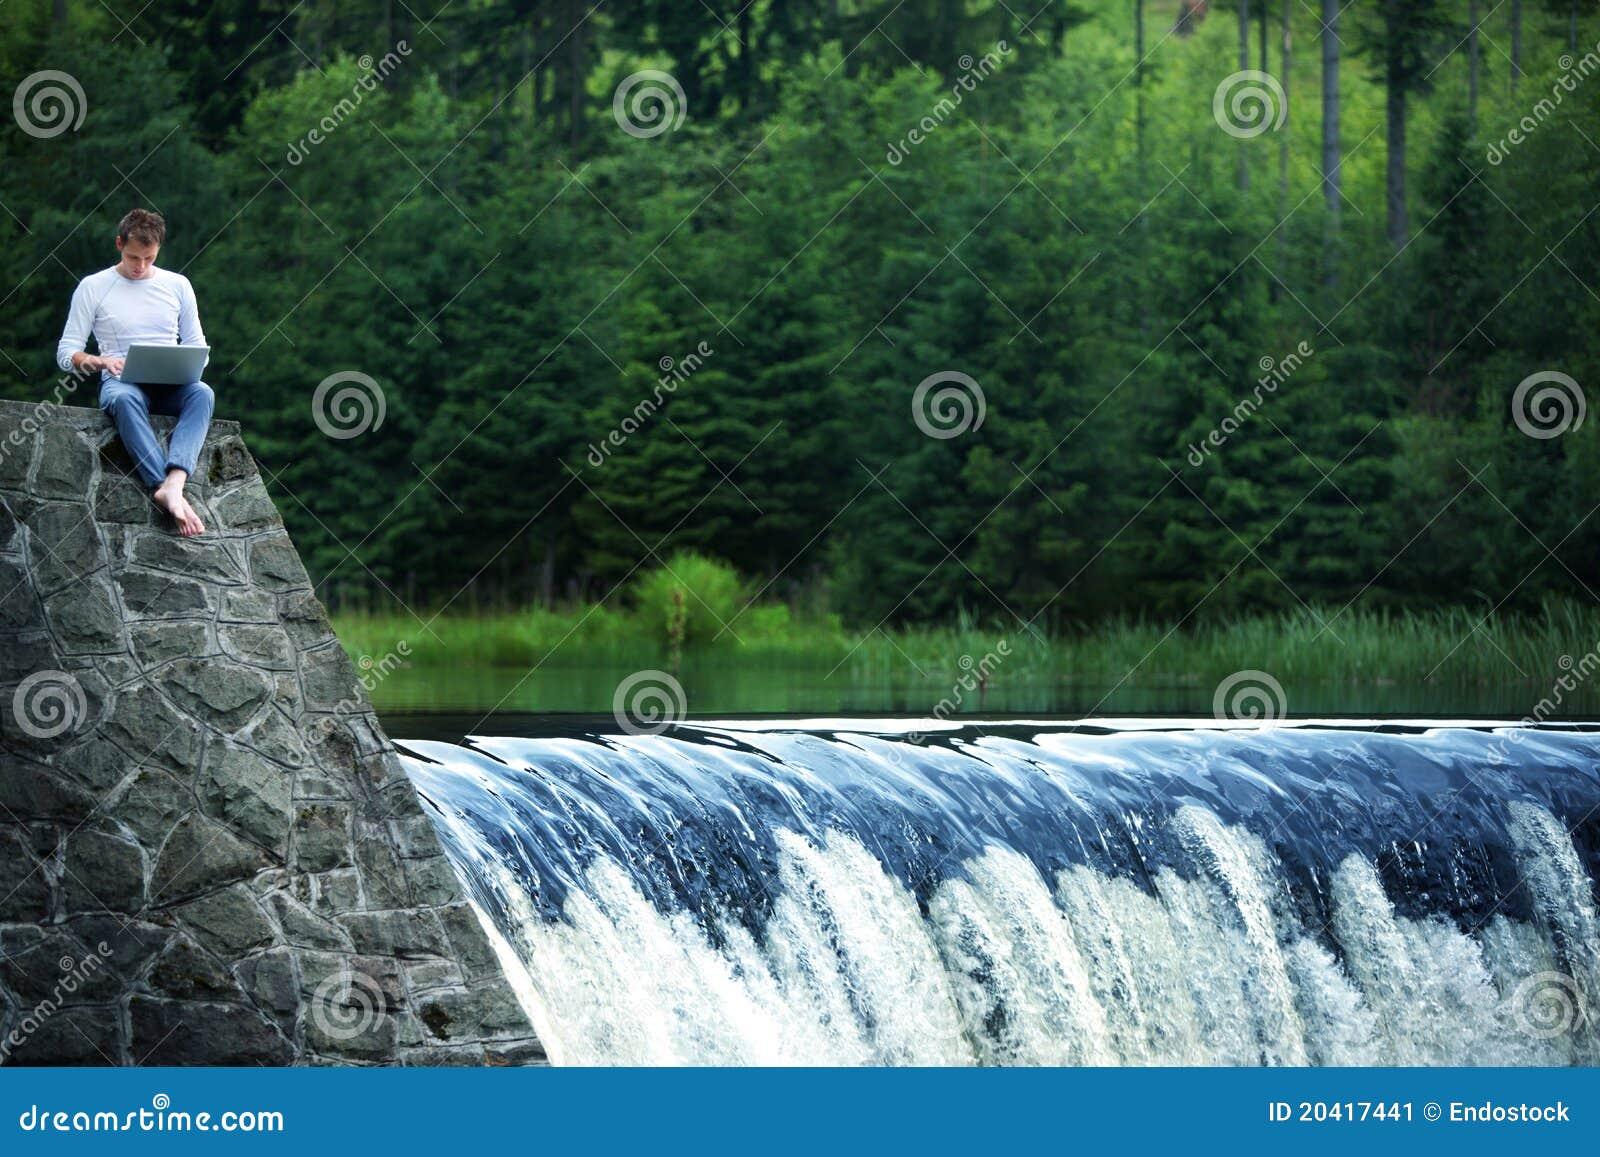 Blogging in nature